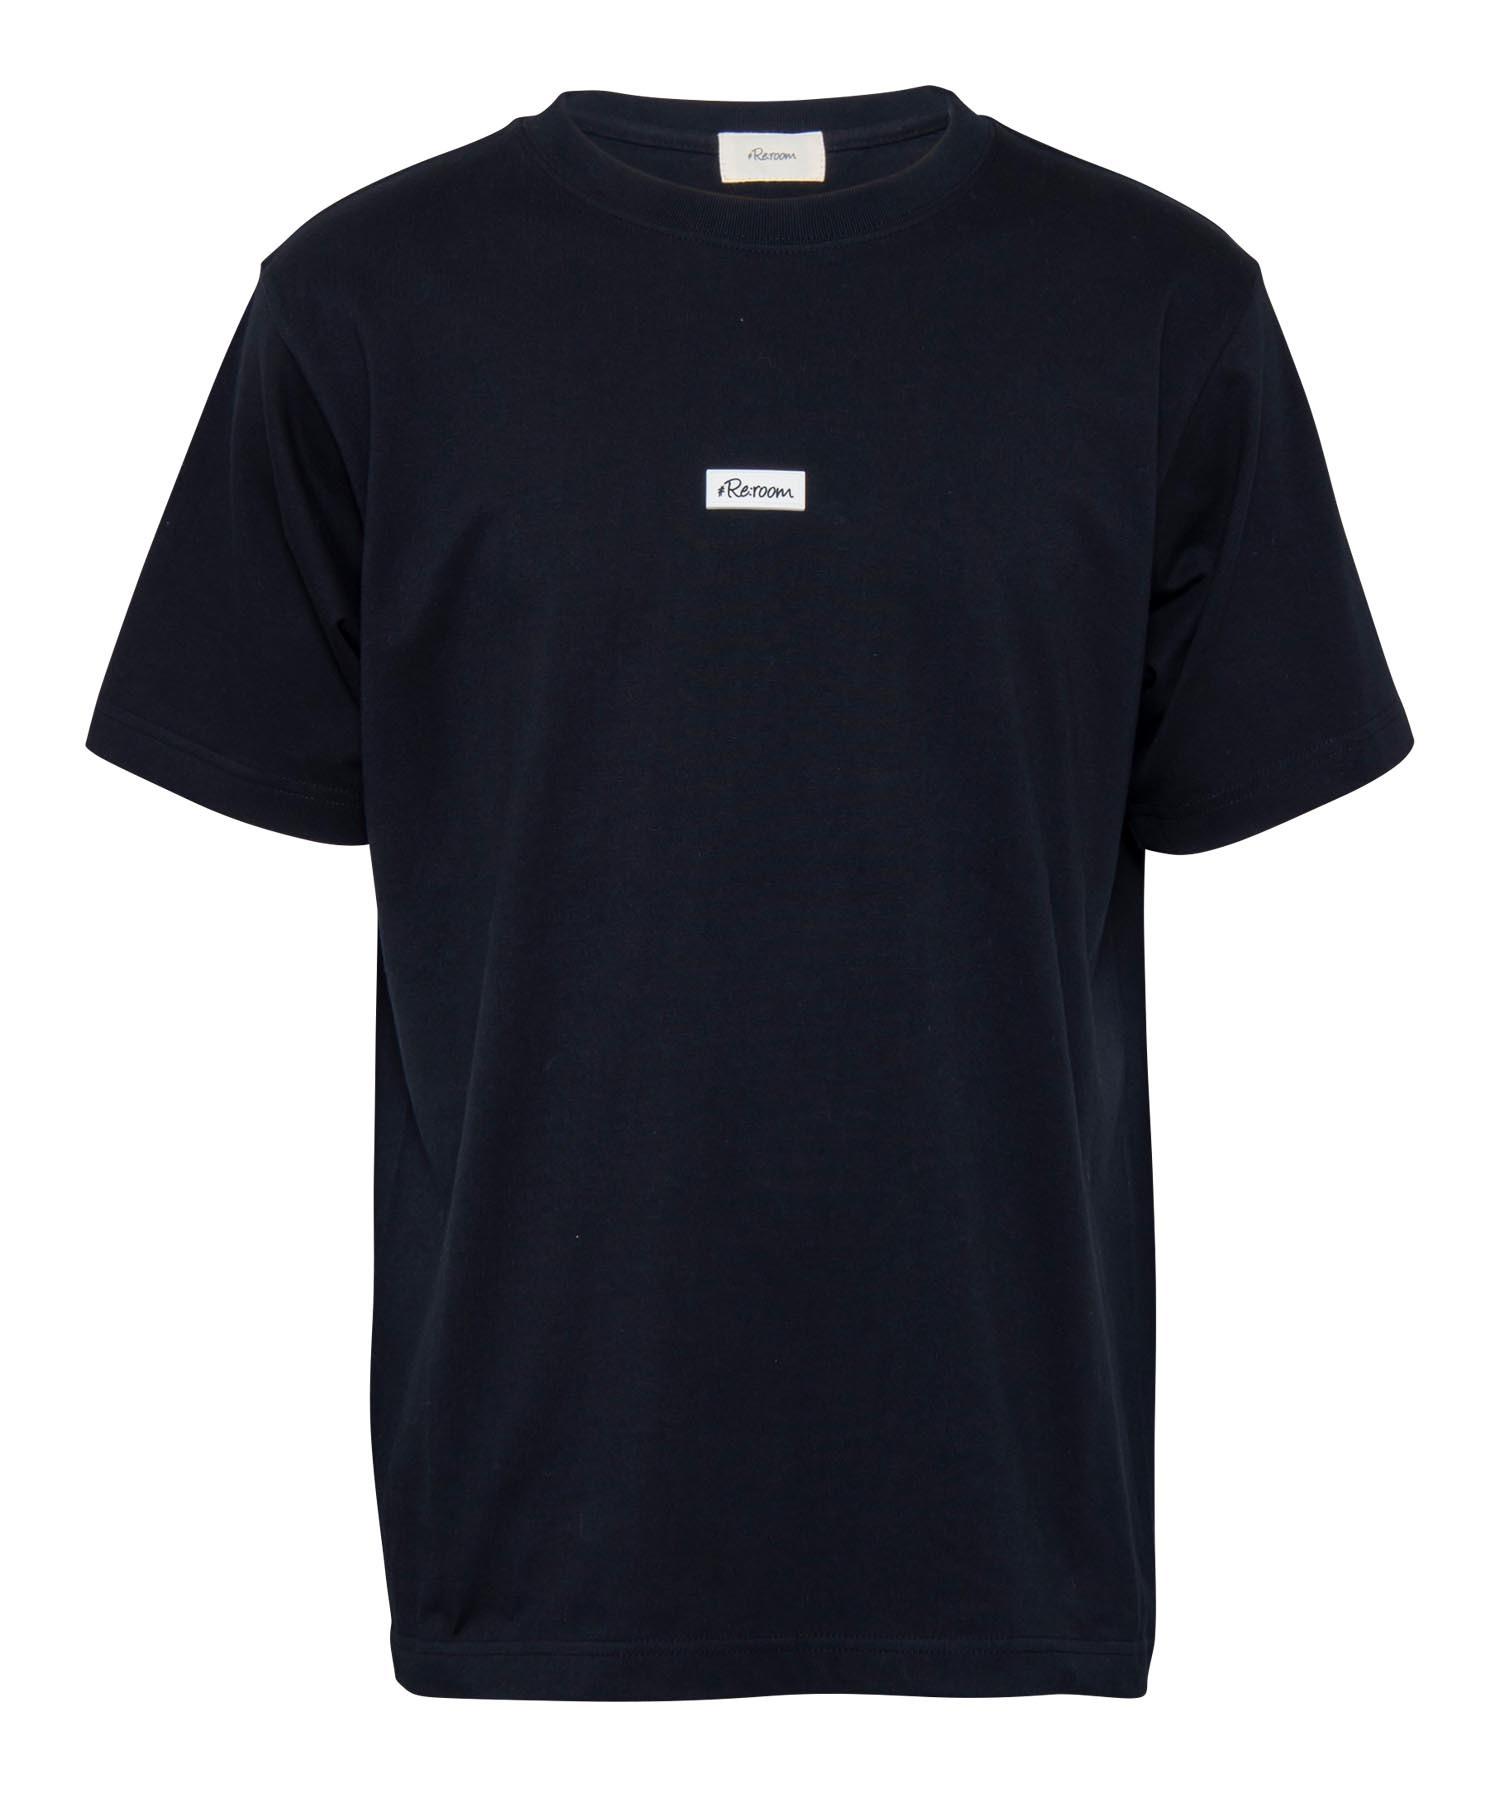 RUBBER WAPPEN LOGO T-shirt[REC314]